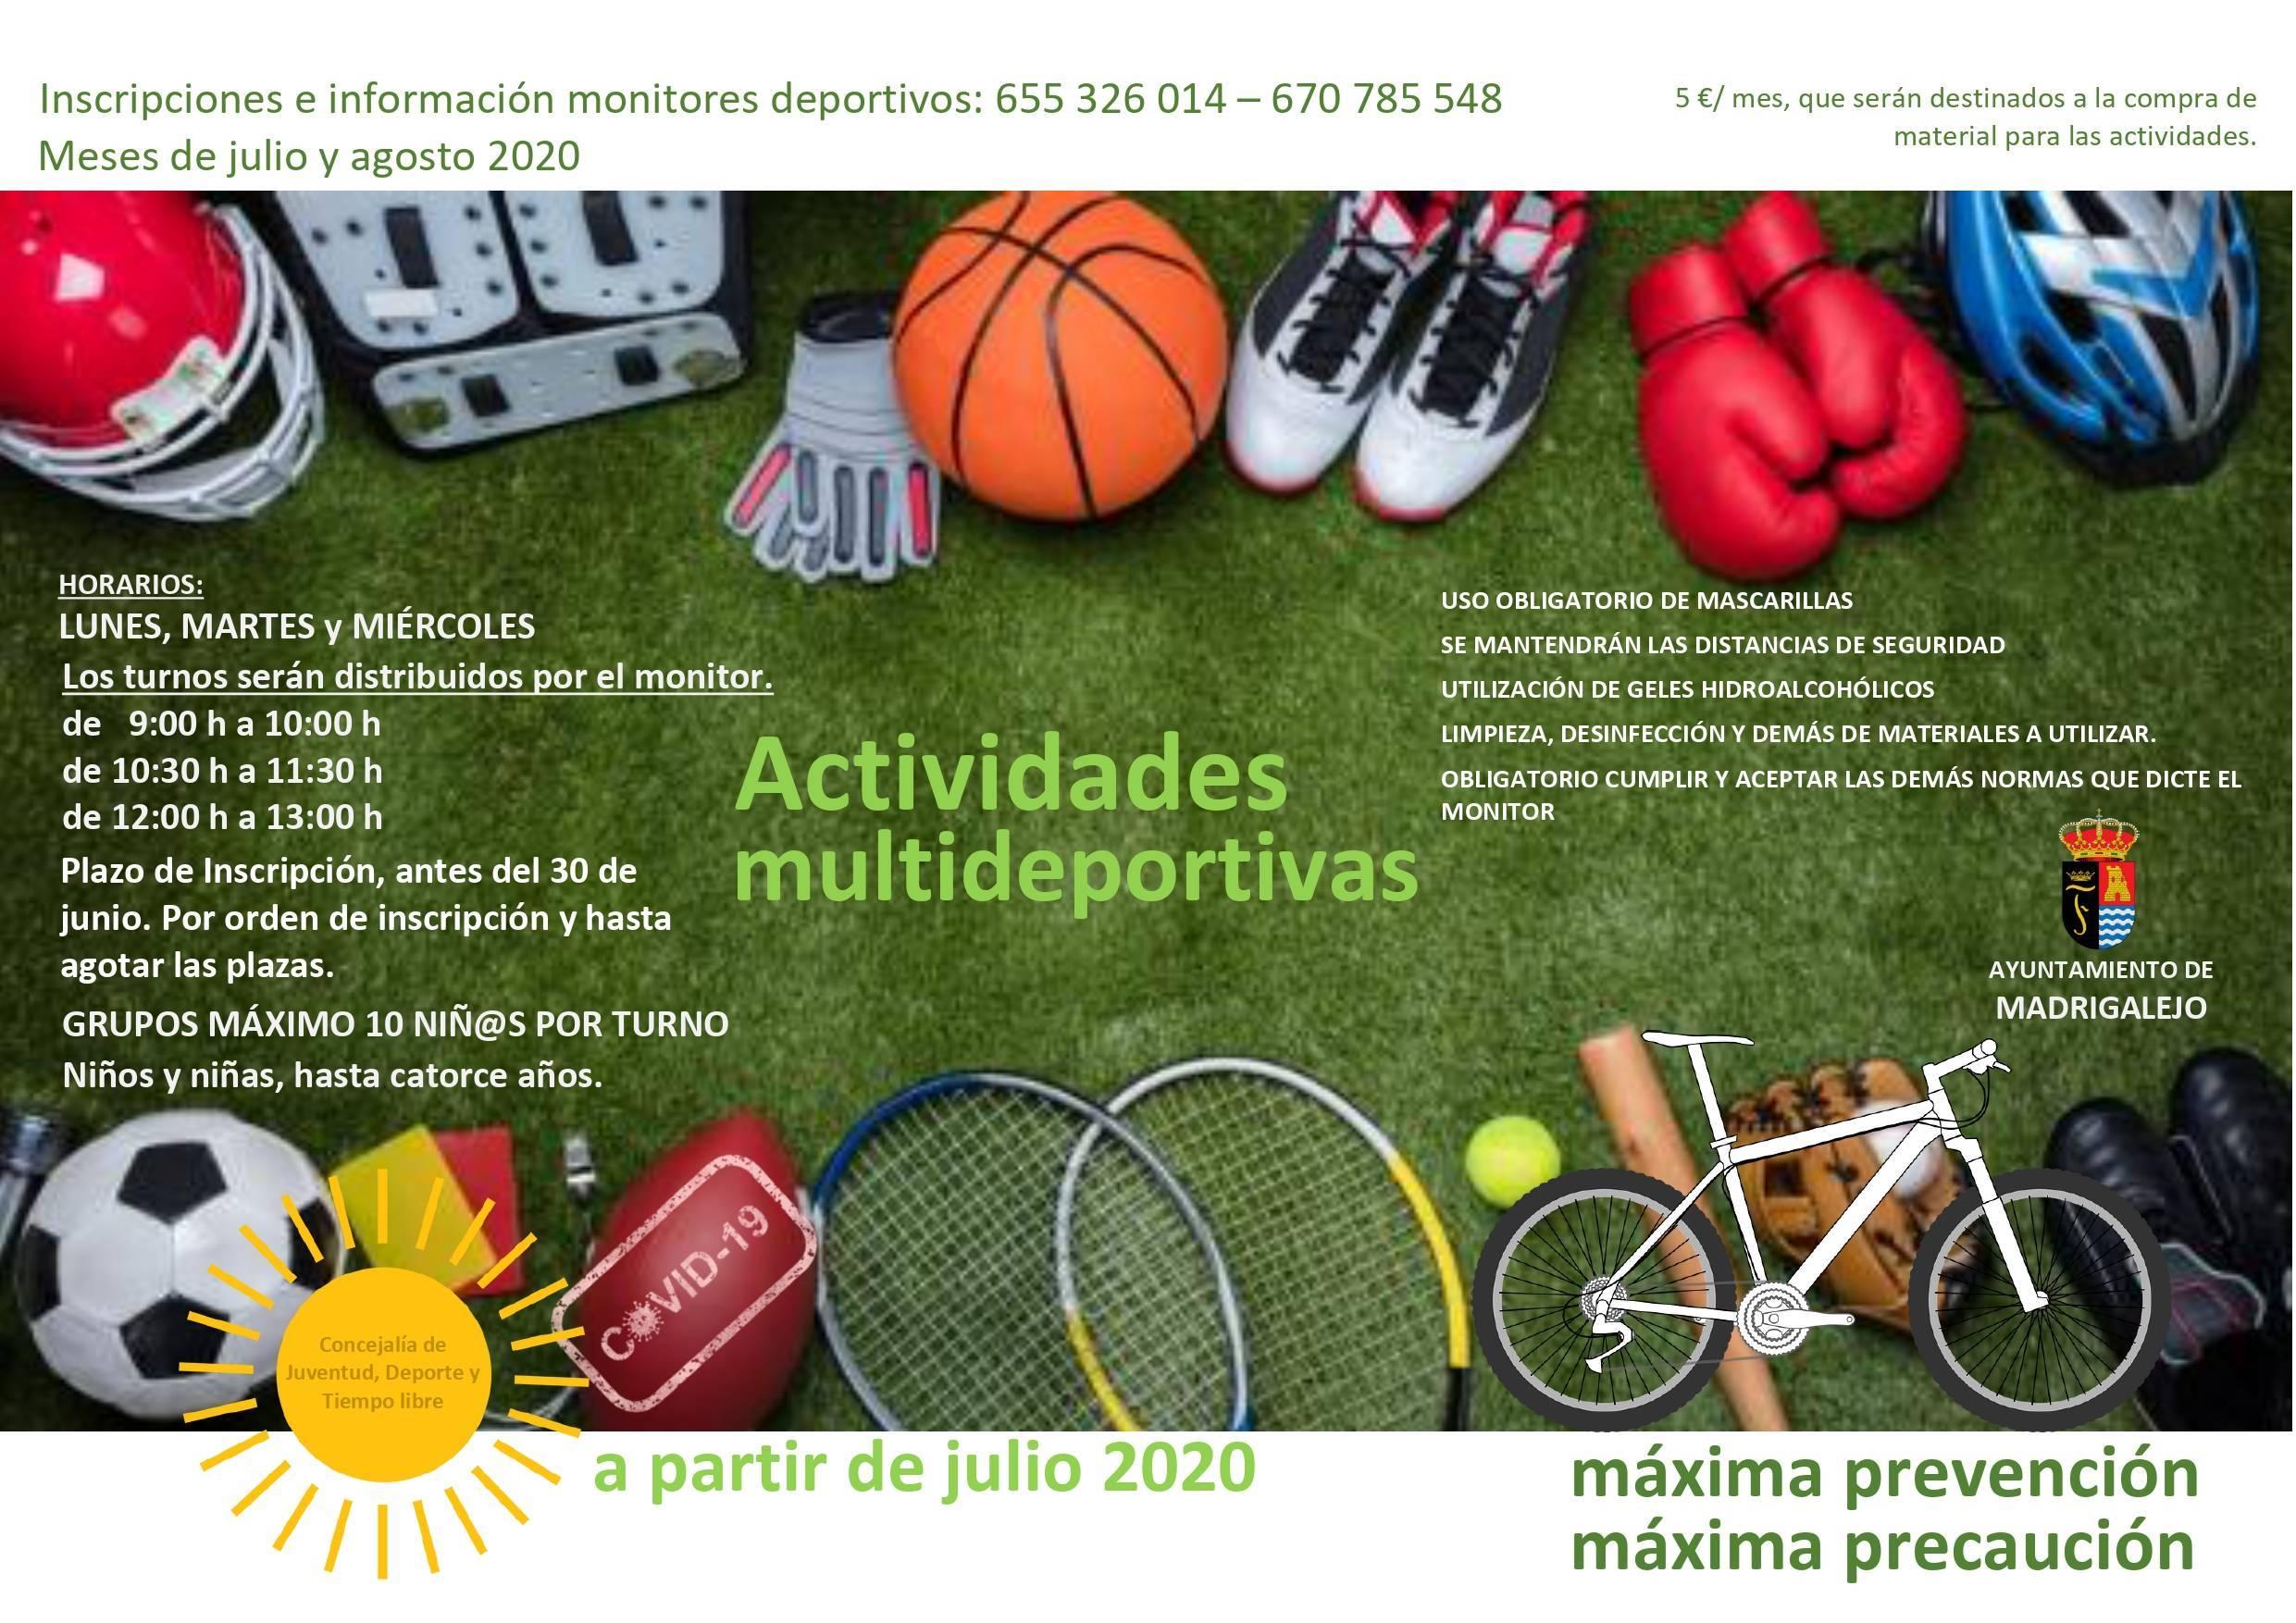 Actividades multideportivas 2020 - Madrigalejo (Cáceres)